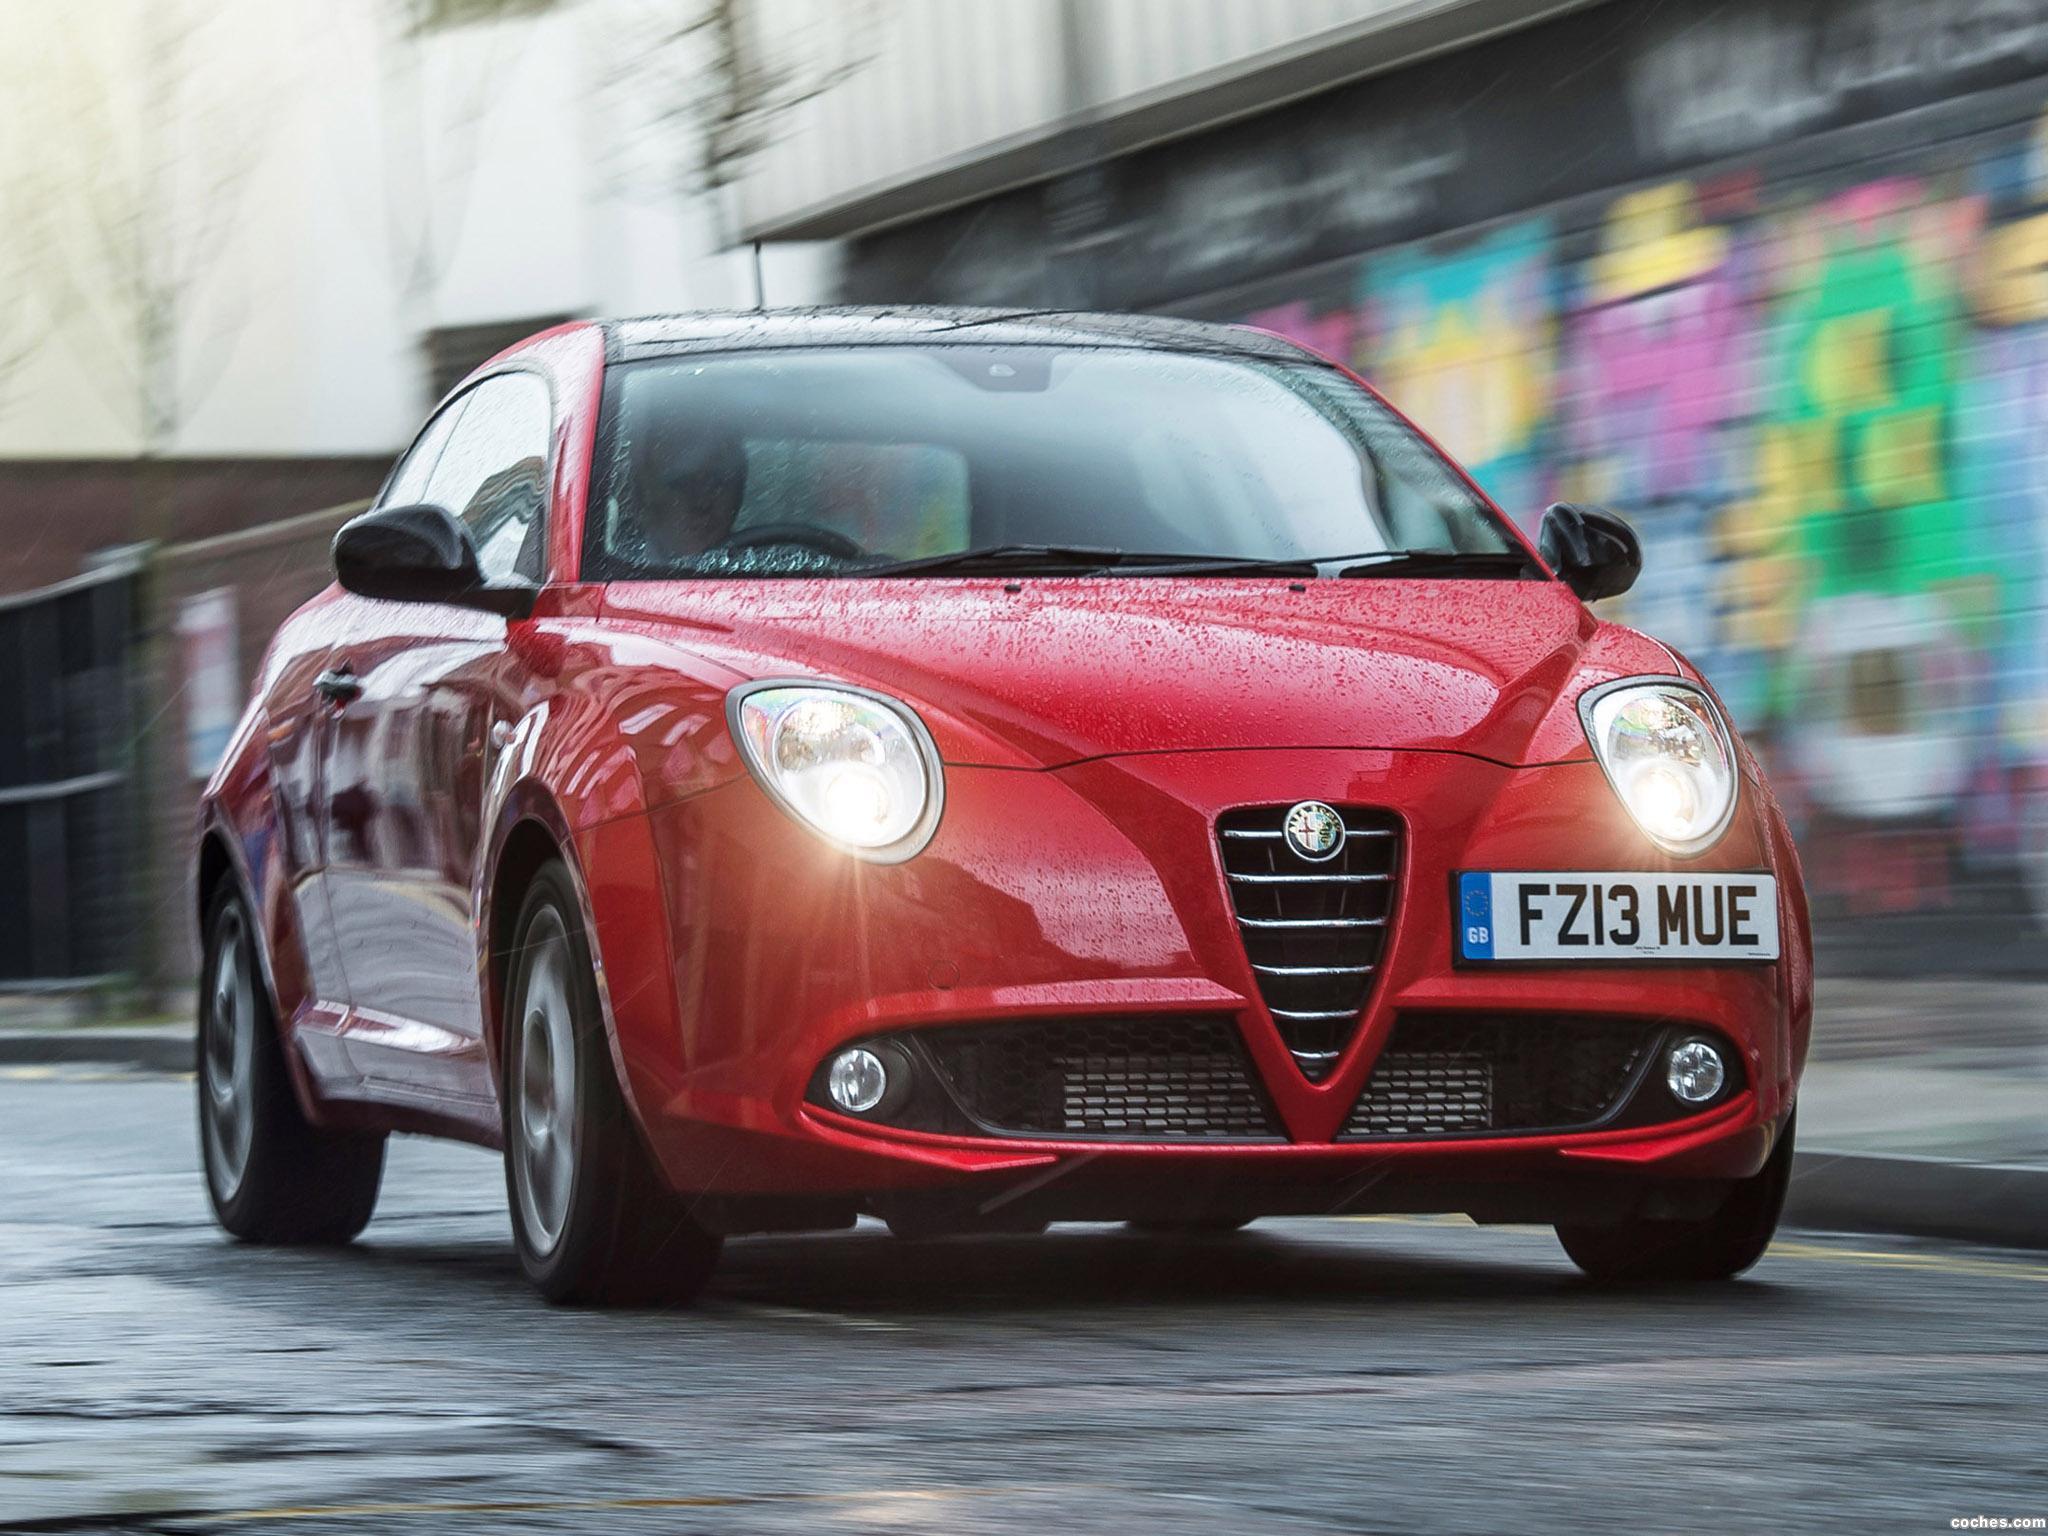 Foto 1 de Alfa Romeo MiTo Live Limited Edition UK 2013